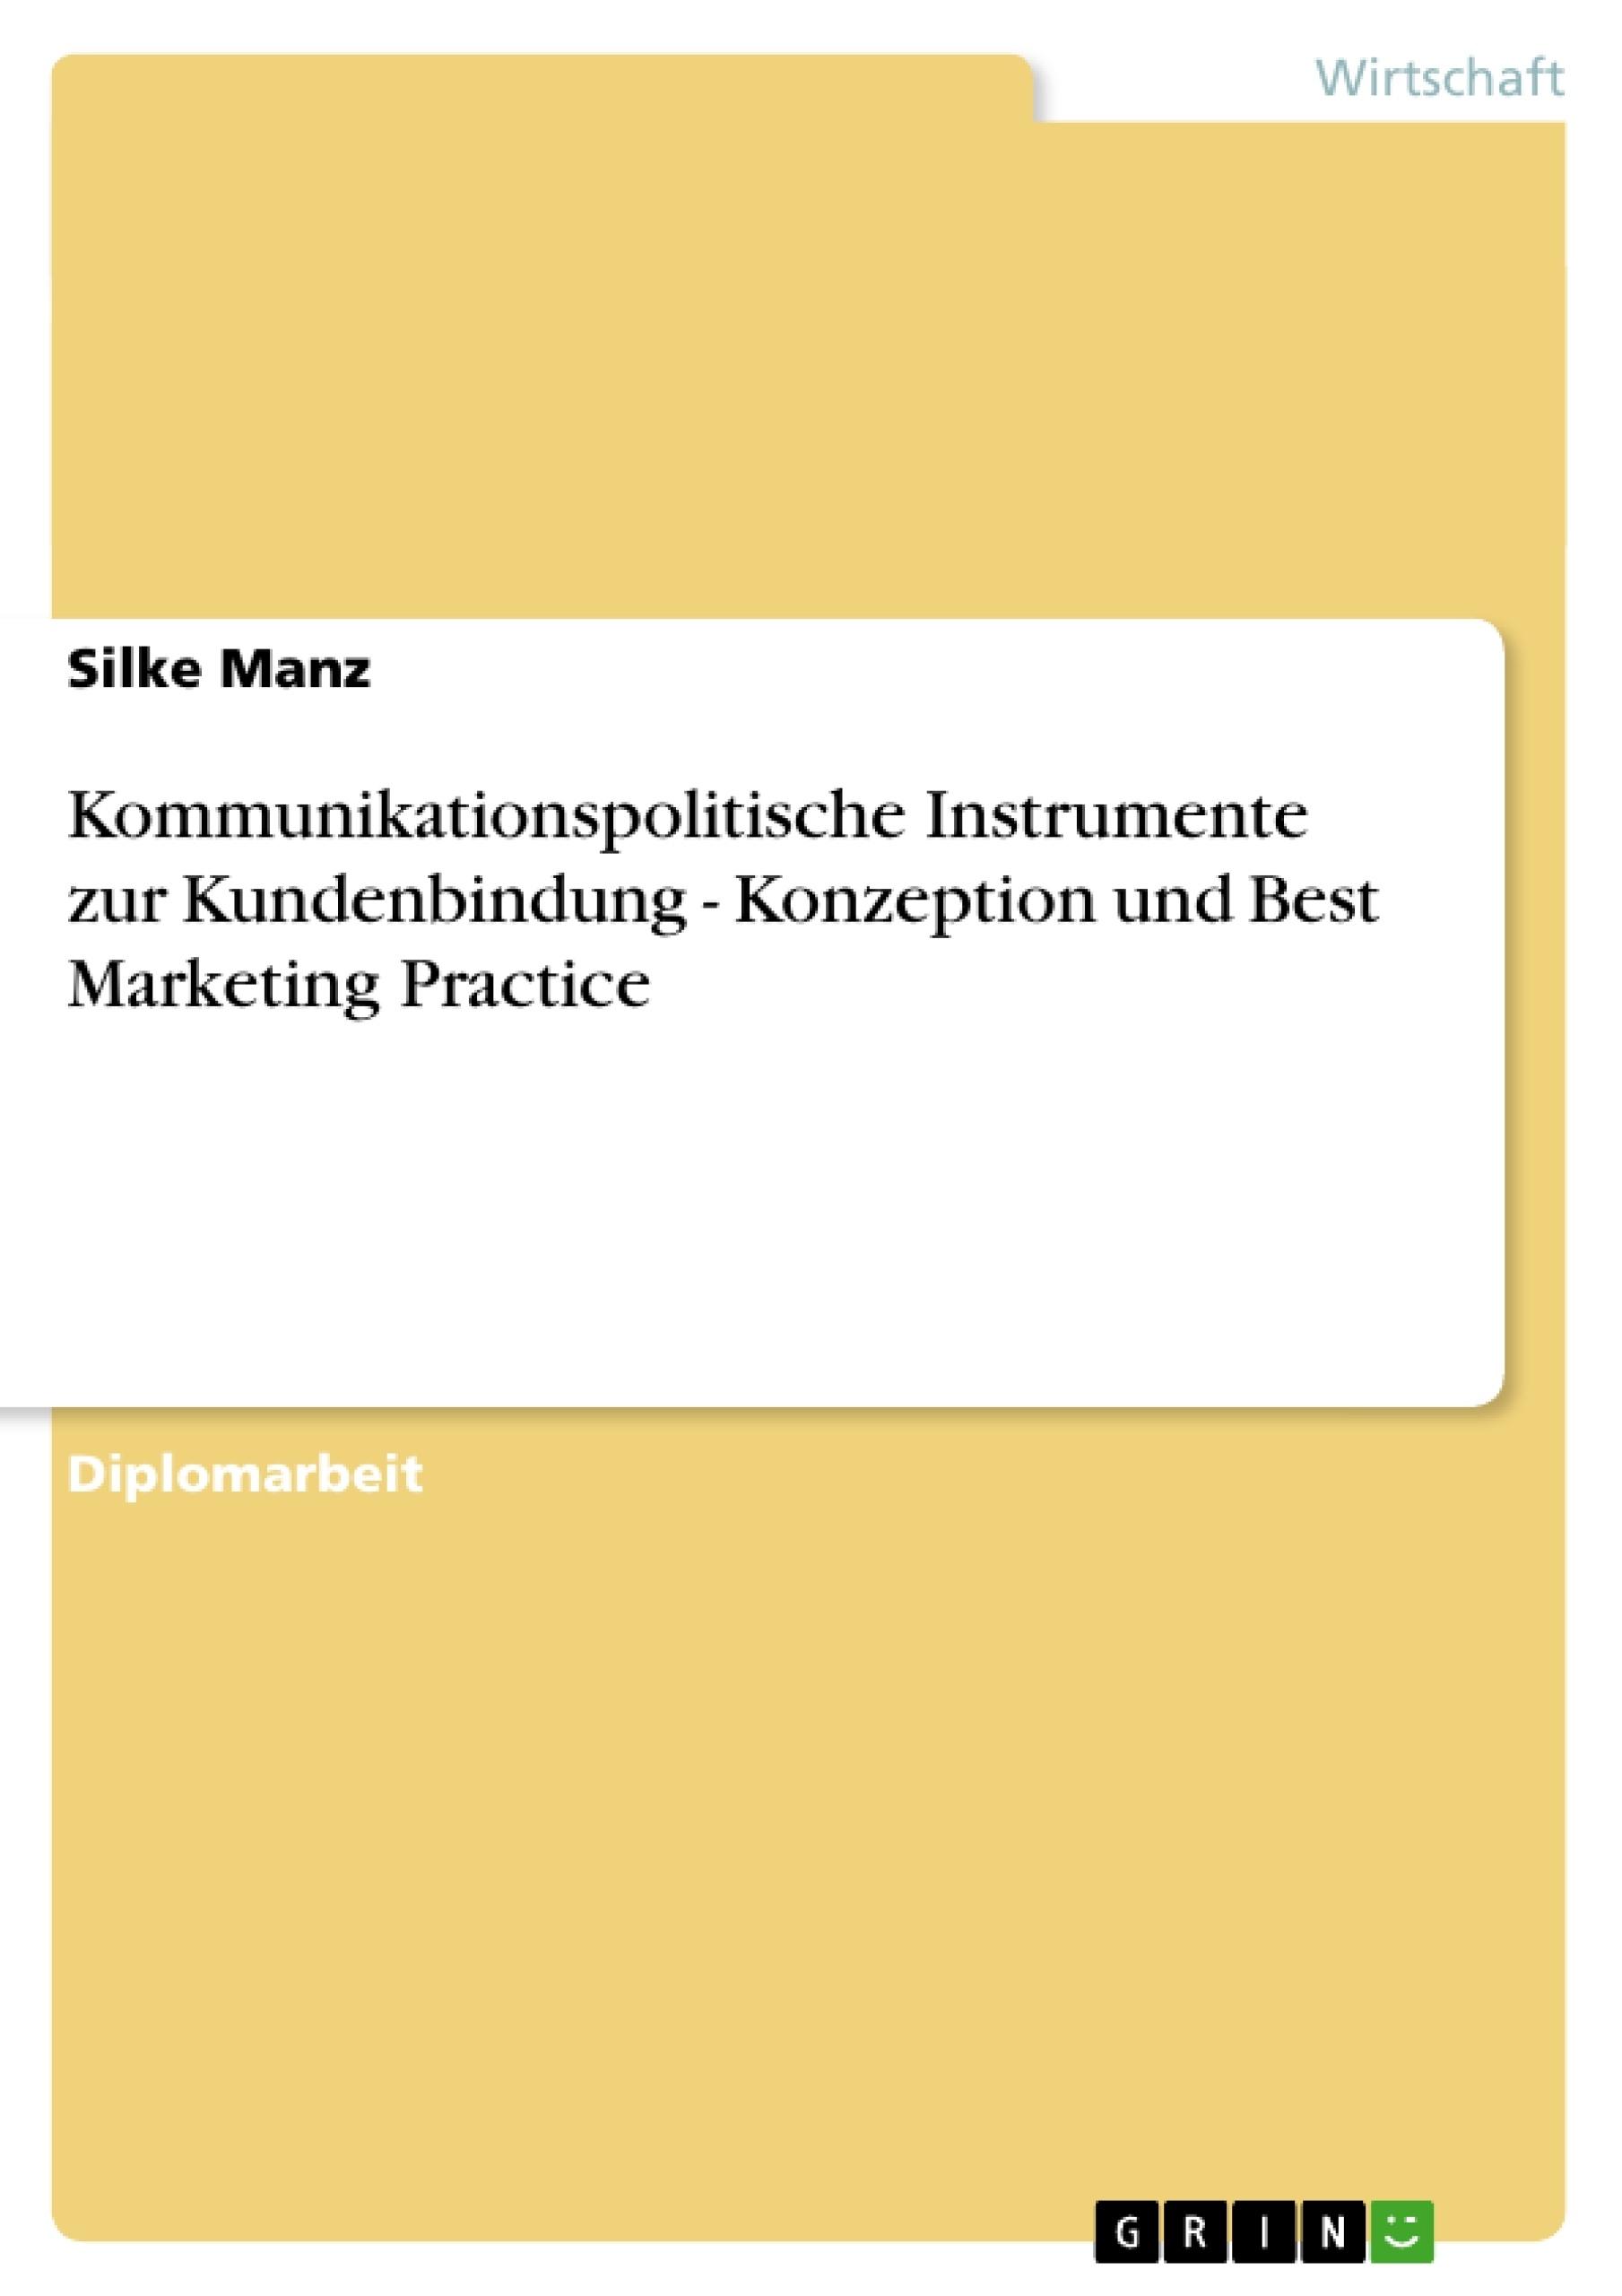 Titel: Kommunikationspolitische Instrumente zur Kundenbindung - Konzeption und Best Marketing Practice